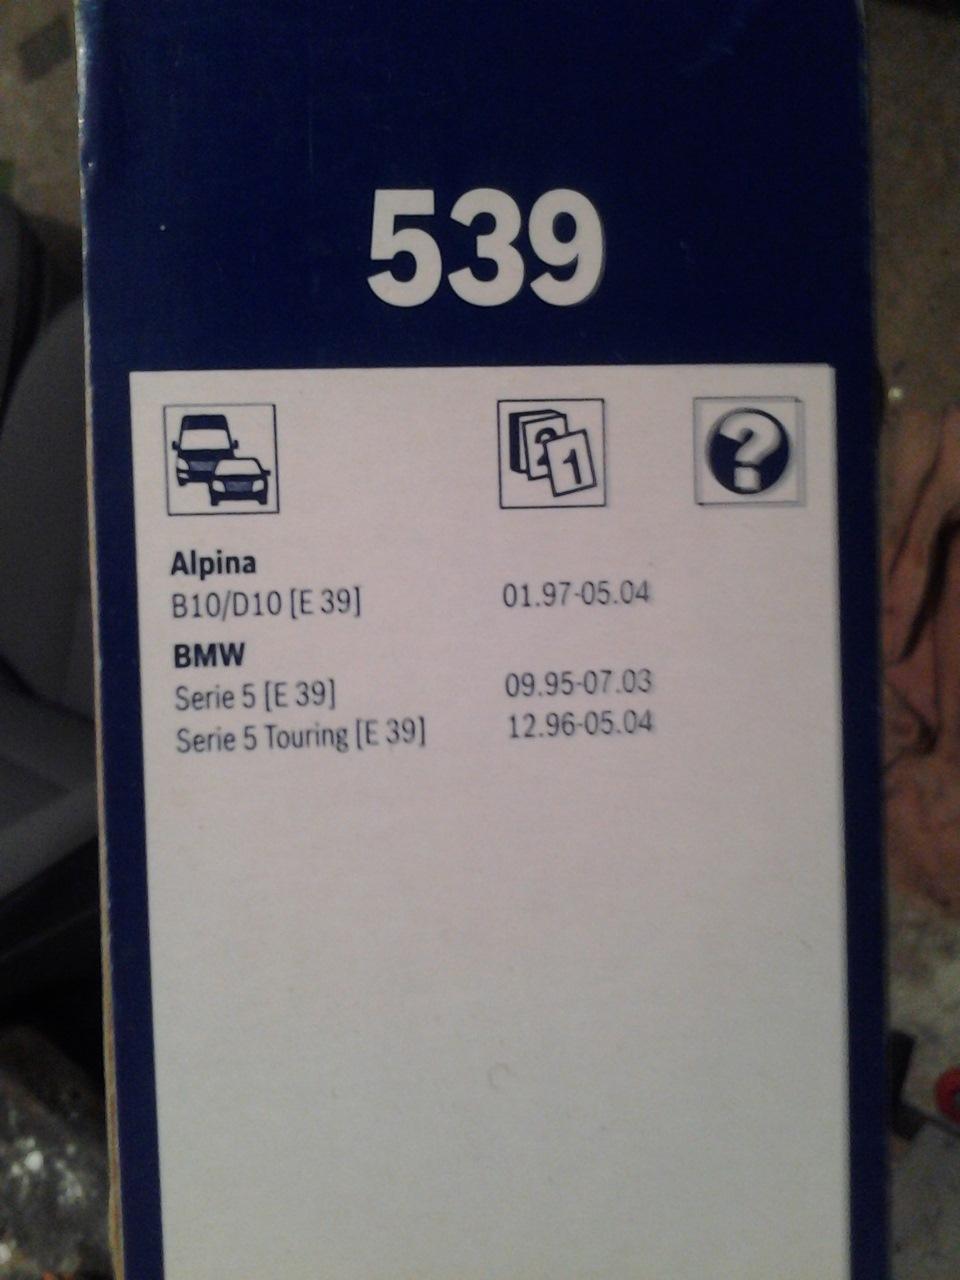 бескаркасный комплект щеток для BMW e39